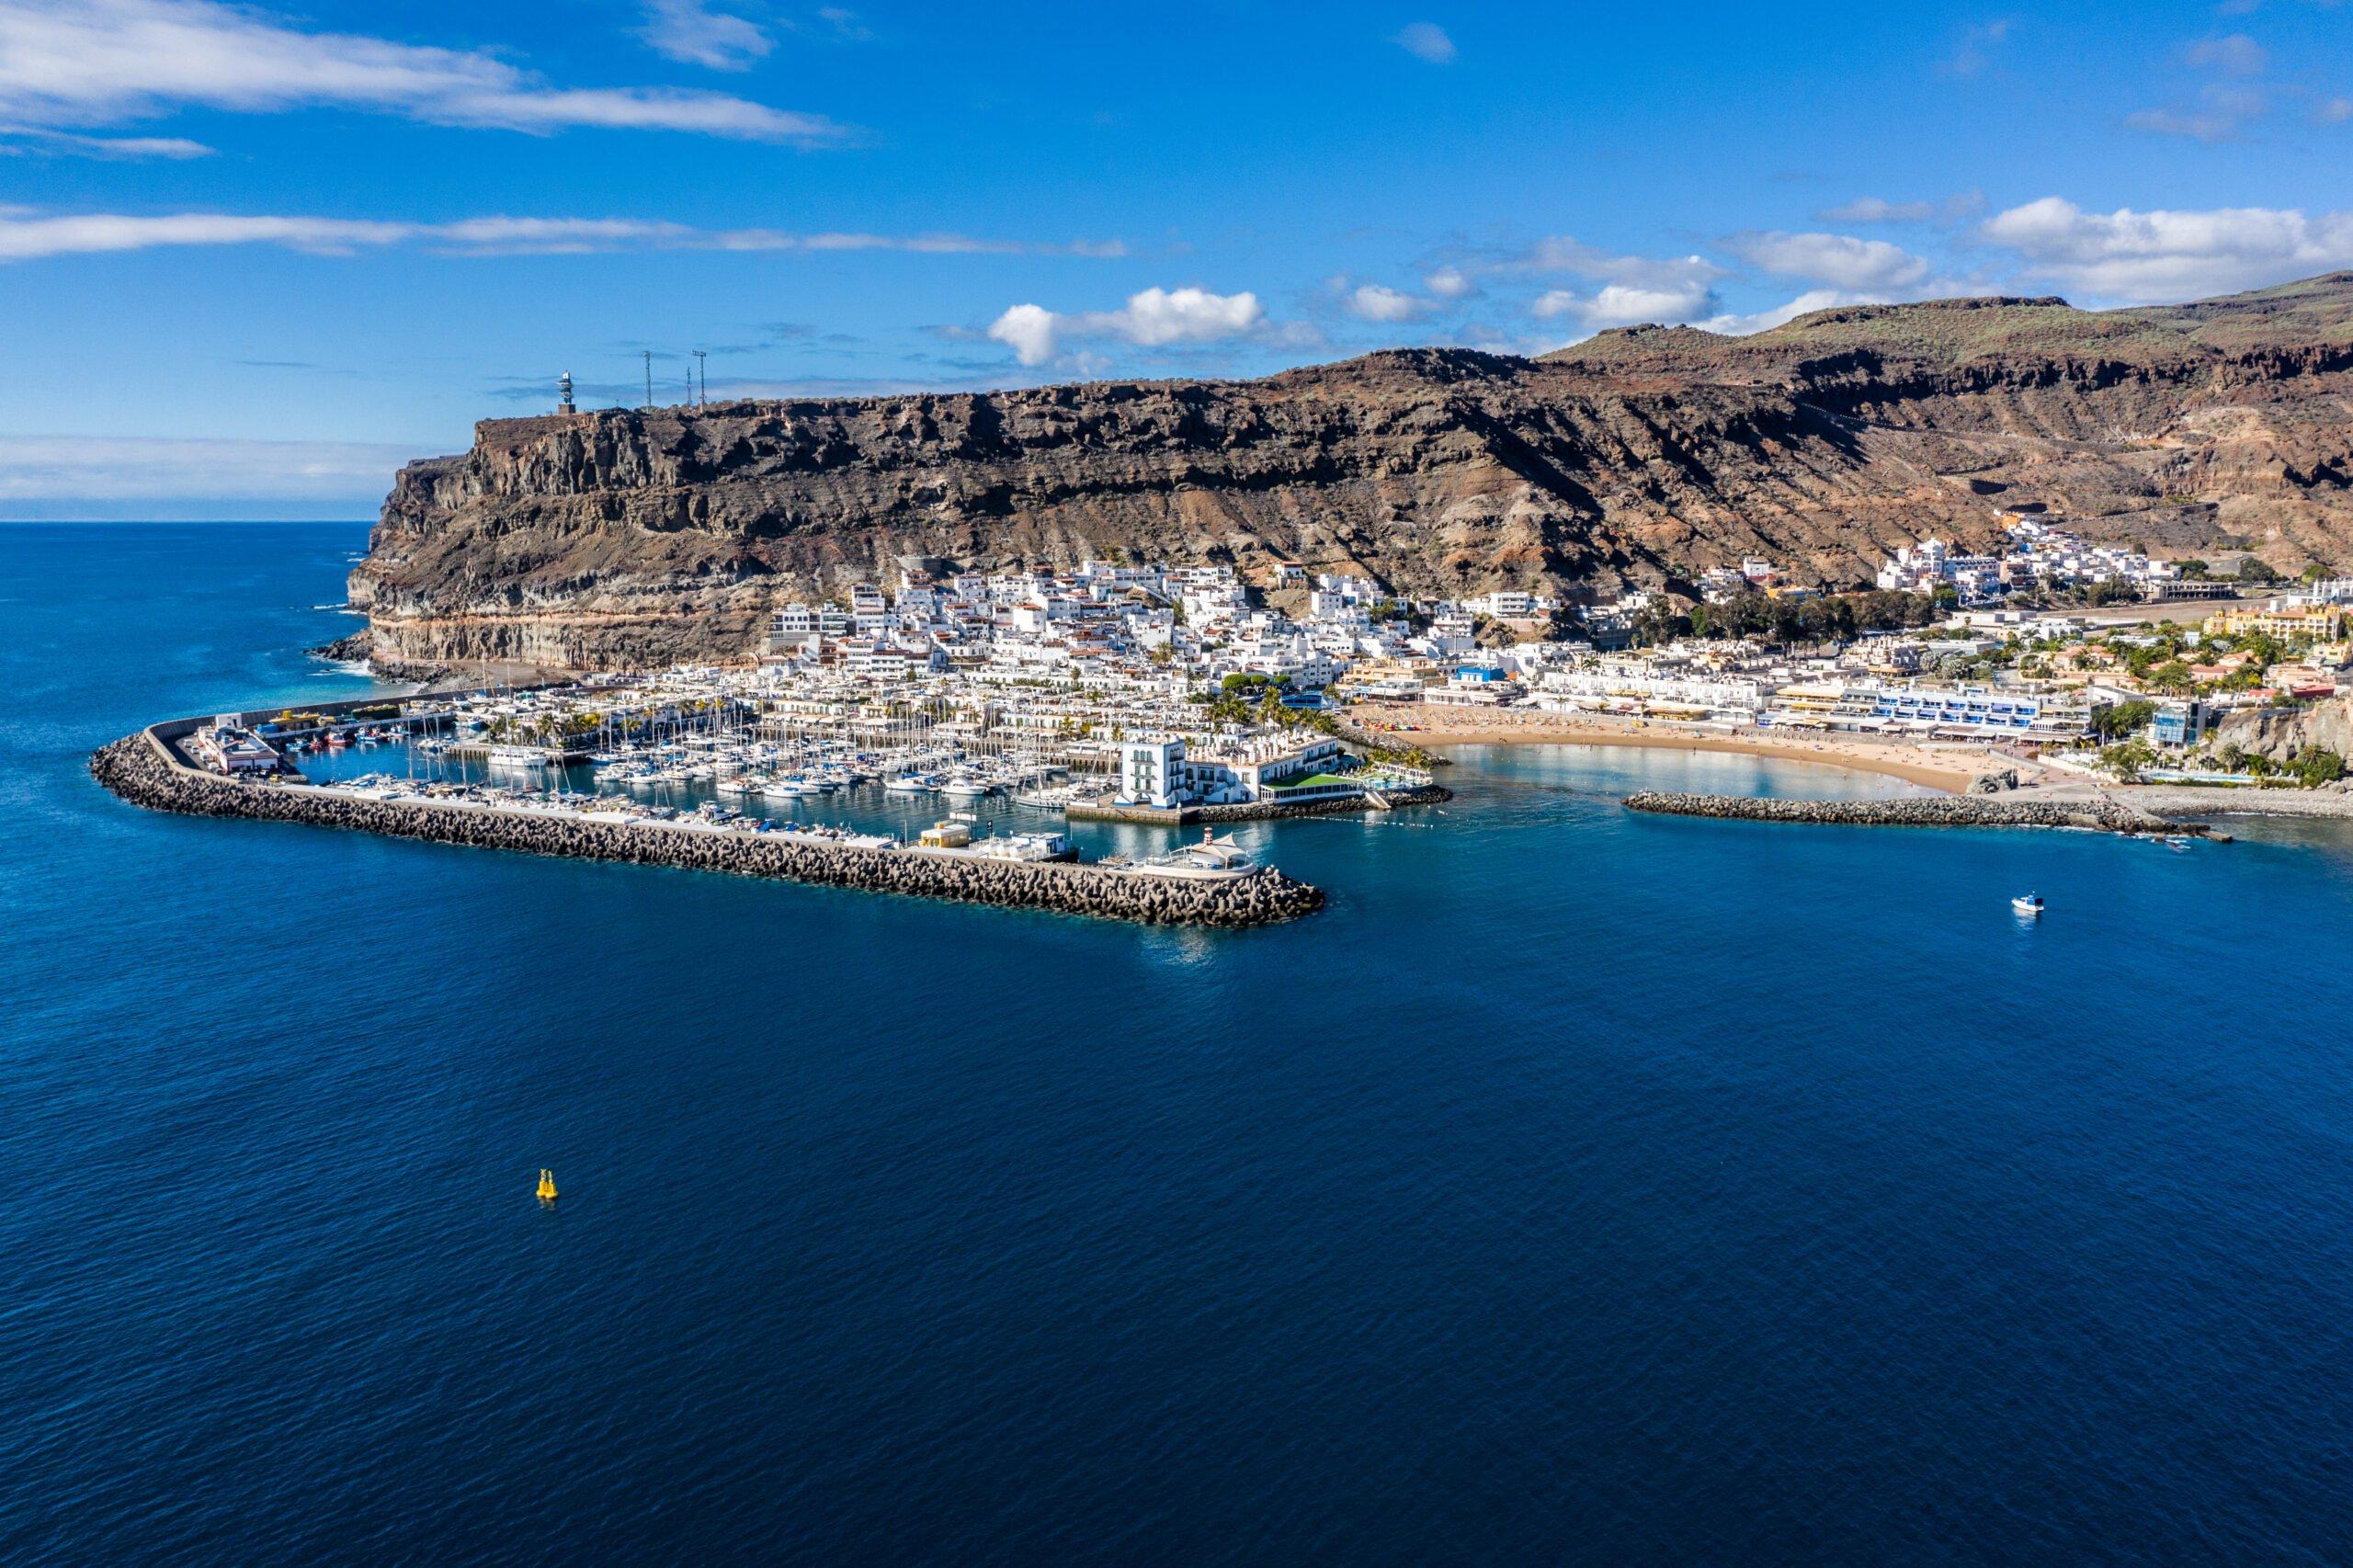 Europe – Spain – Canary Islands – Puerto de Mogán • lonelybay